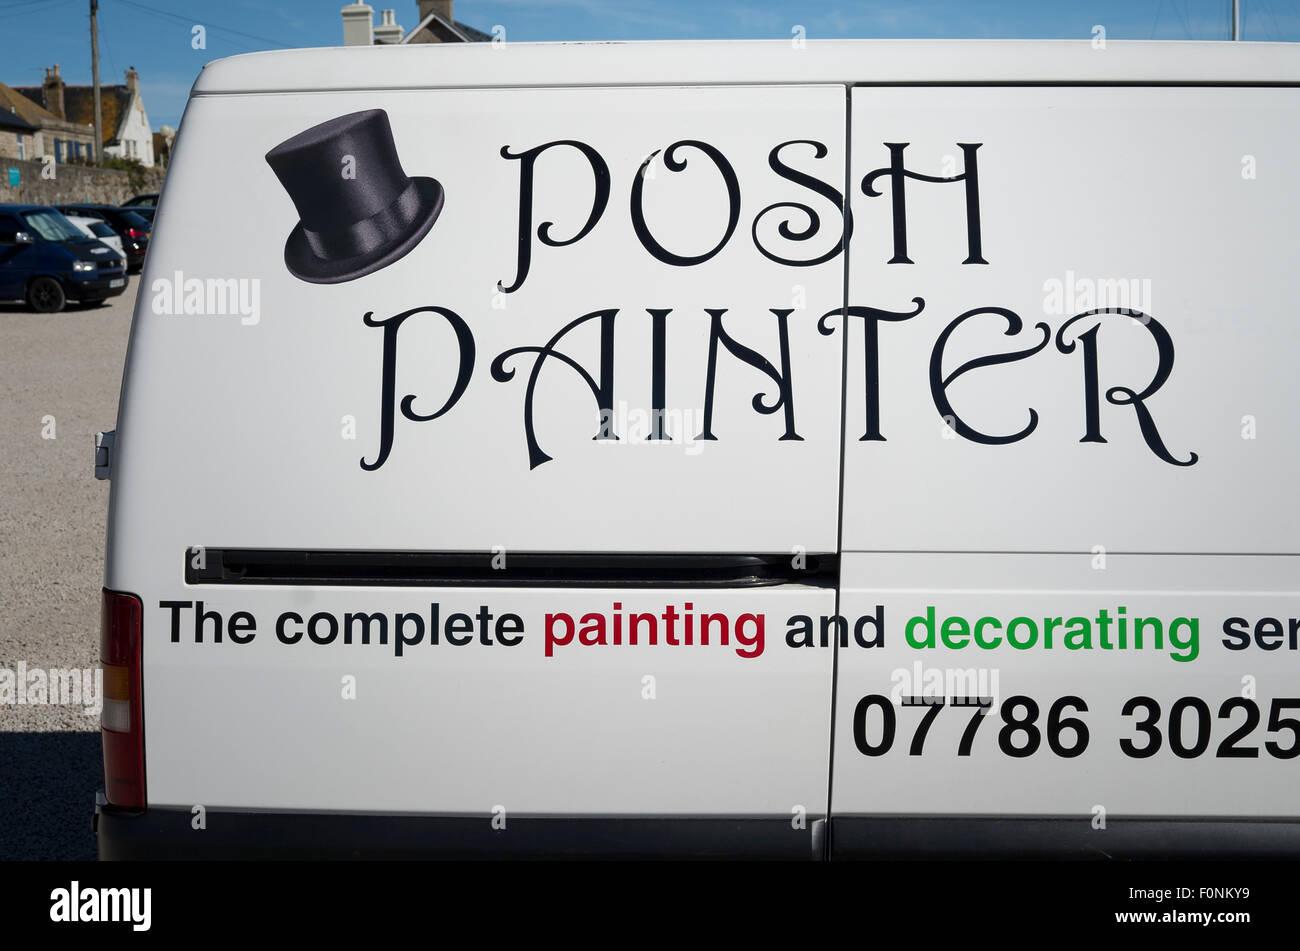 Trade van bearing trader's title POSH PAINTER in UK - Stock Image